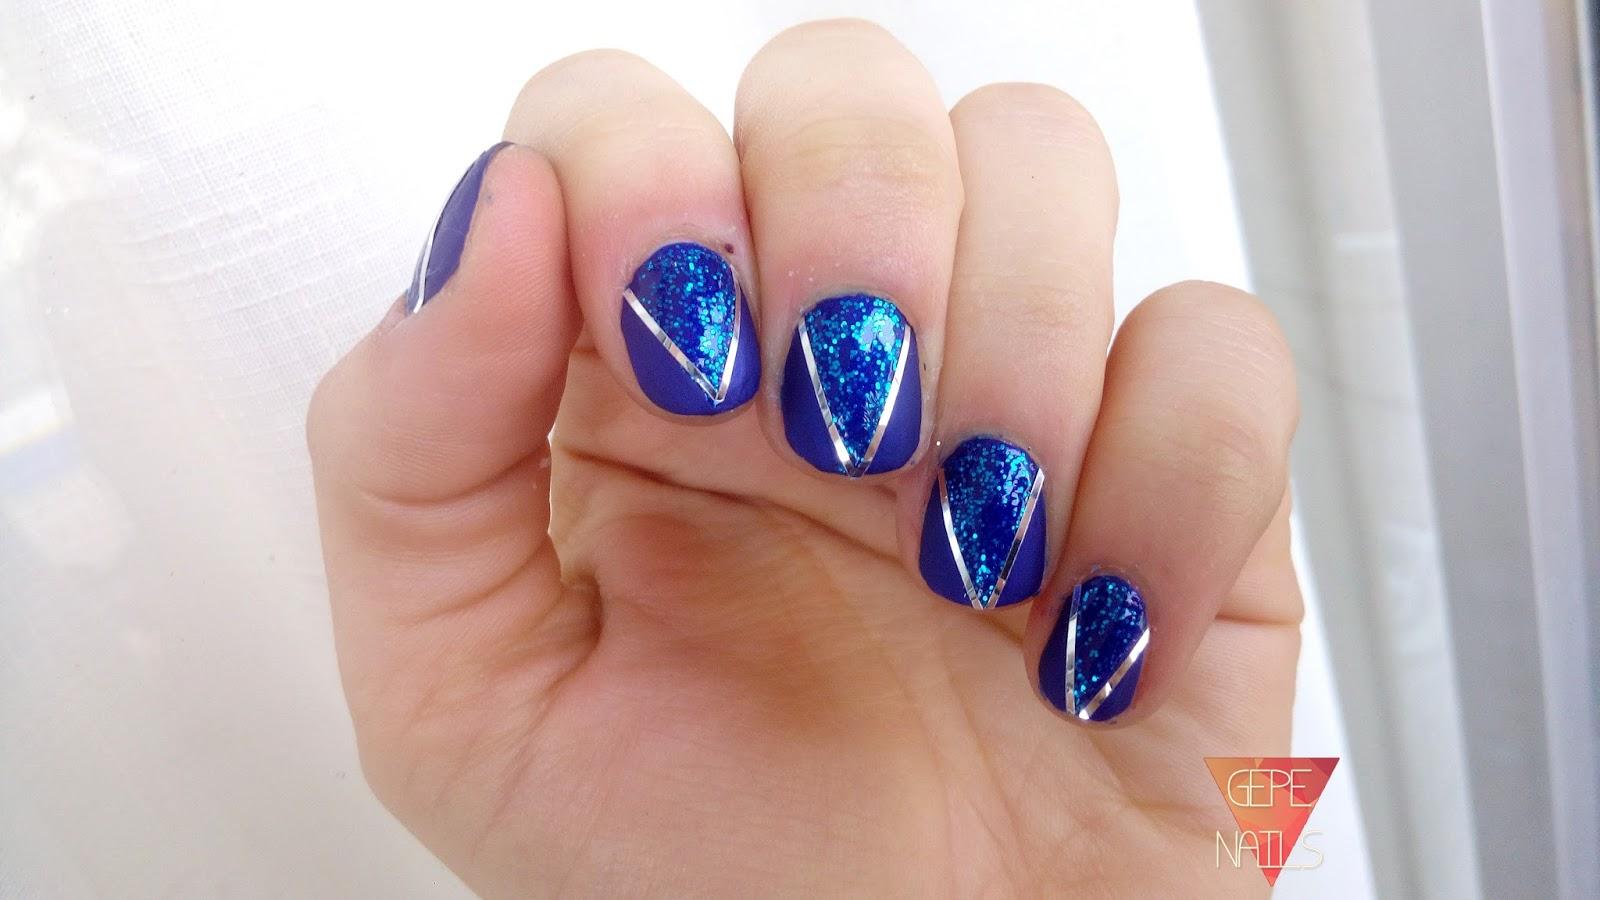 Gepe-nails: UÑAS DE NOCHEVIEJA | Propuesta #1 AZUL